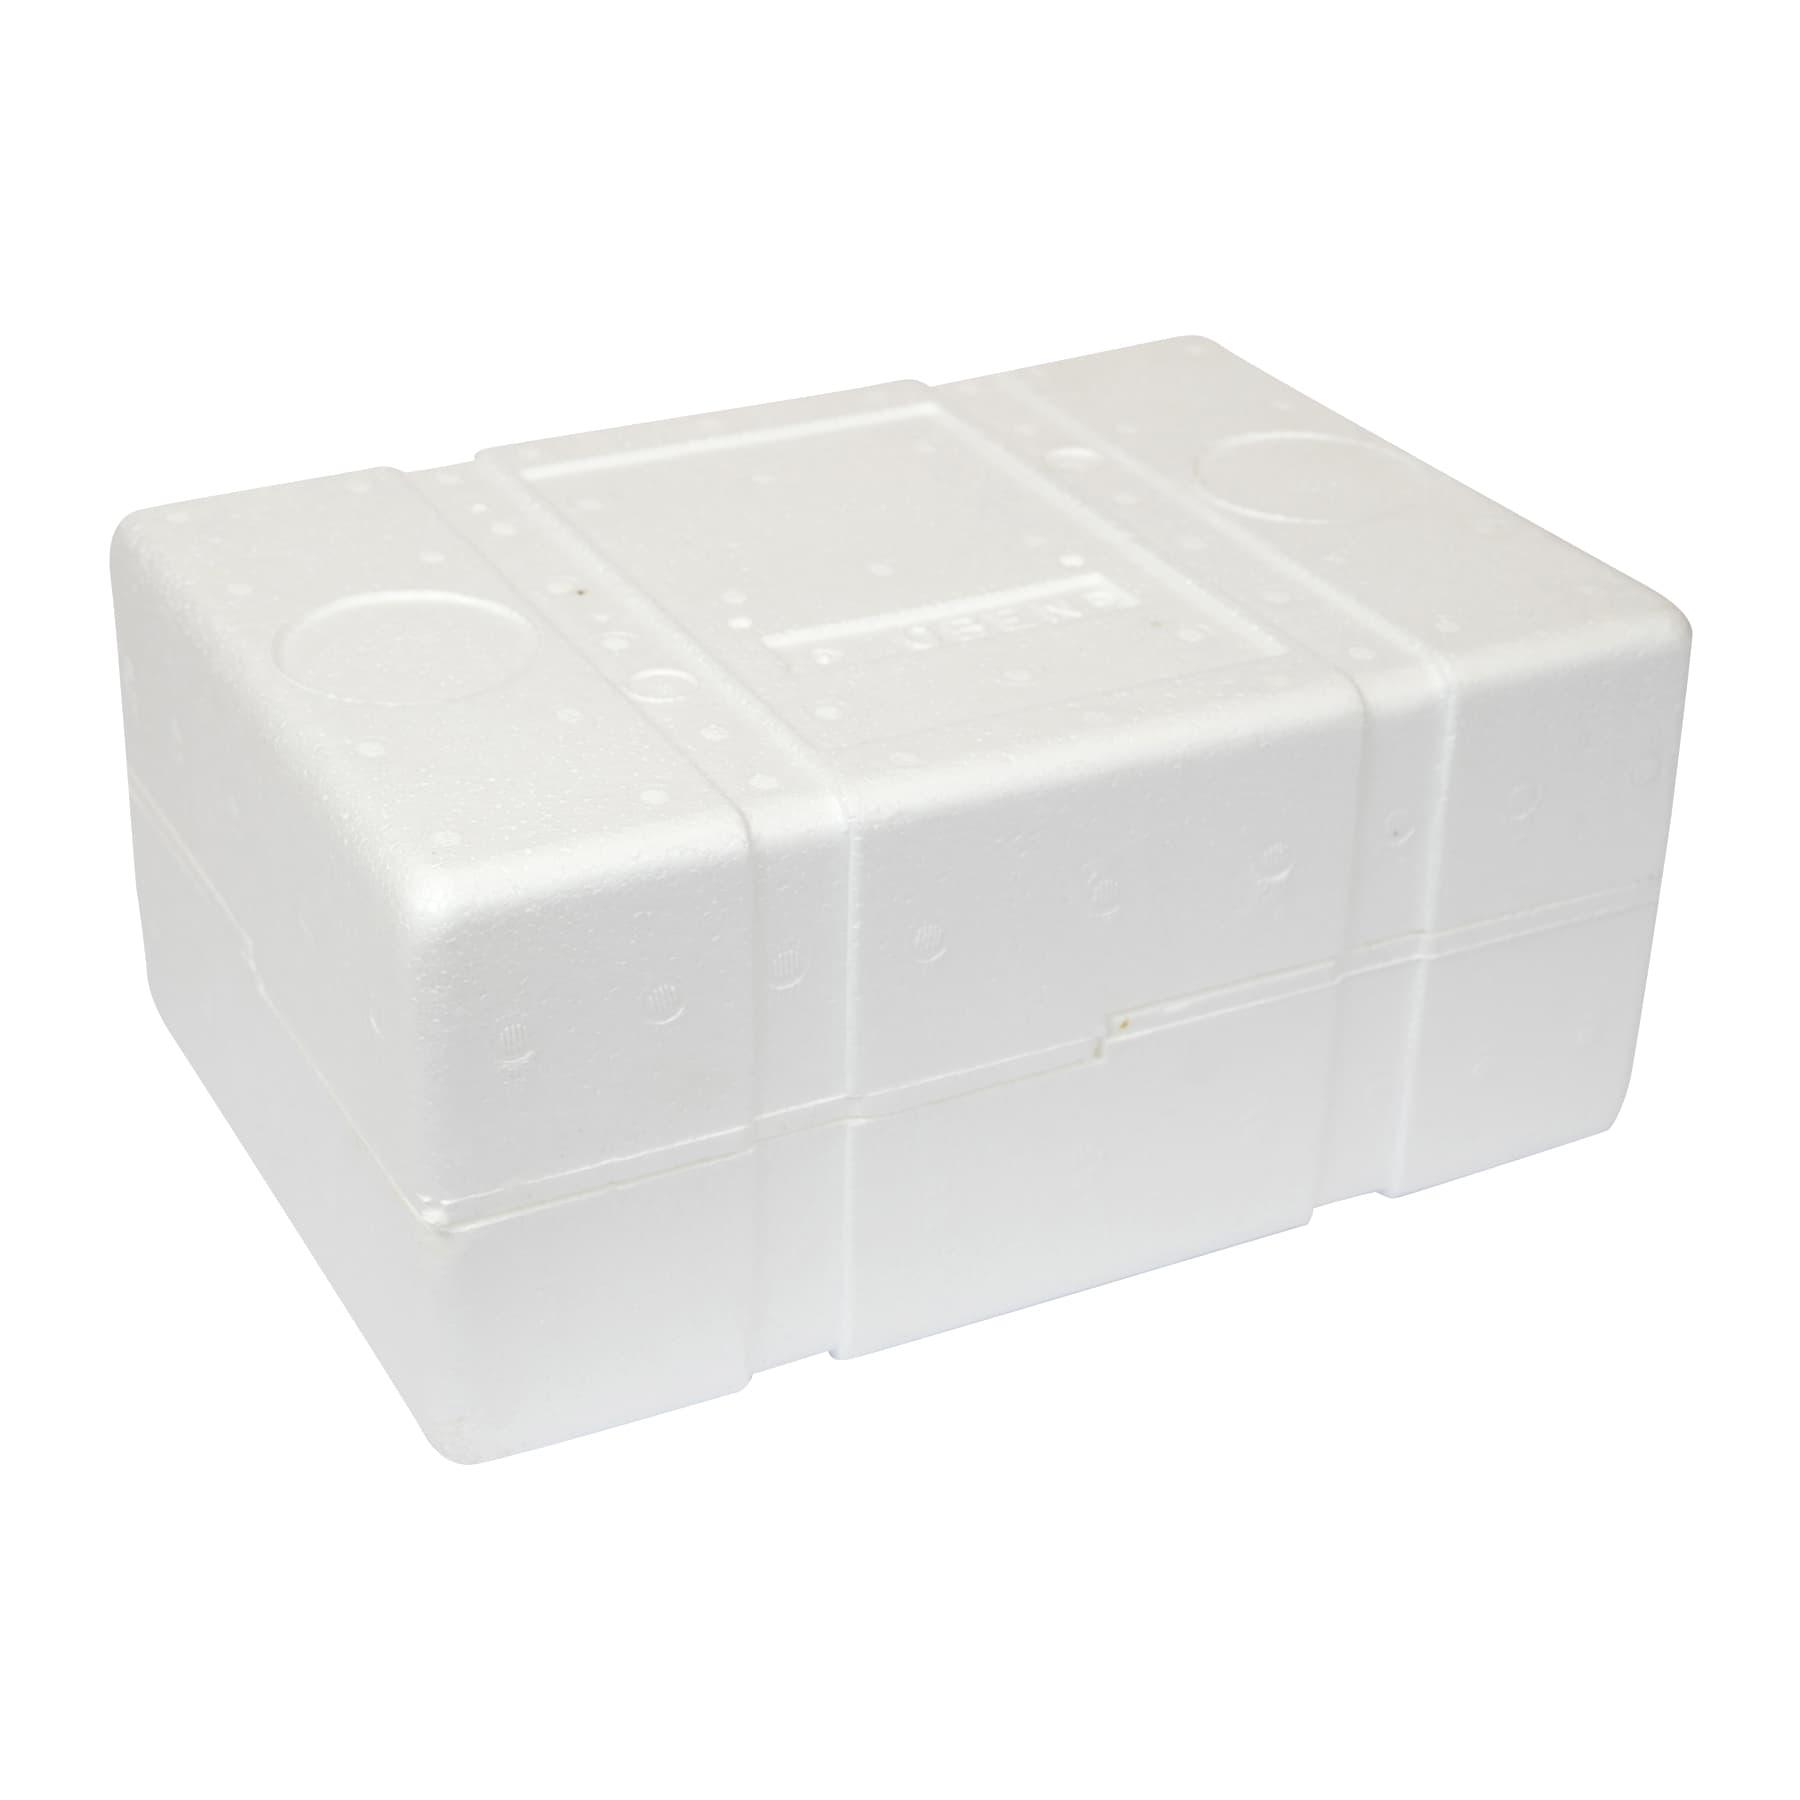 Verpackung aus Styropor für 6 Honiggläser